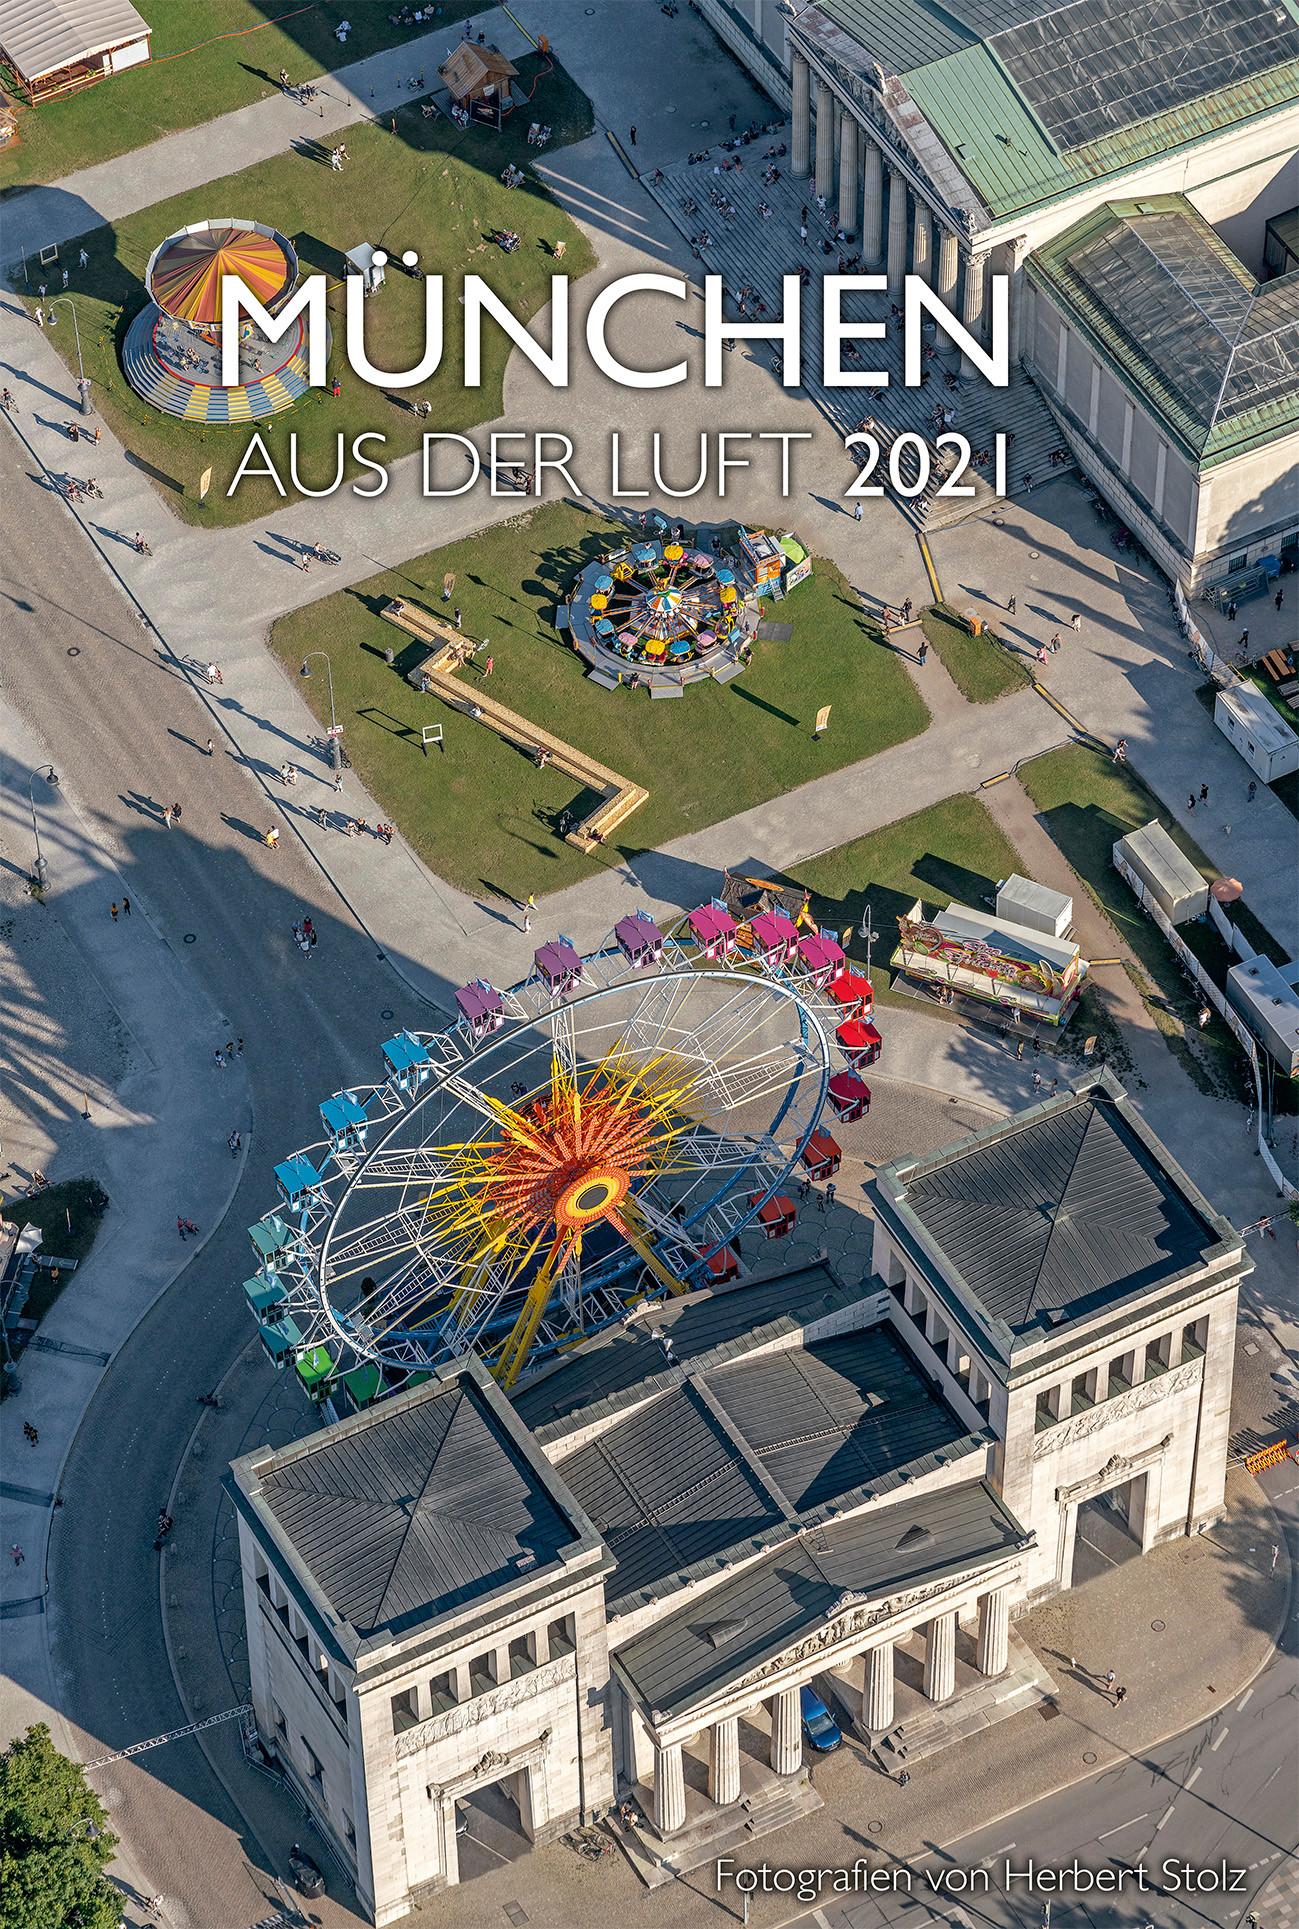 München aus der Luft 2021